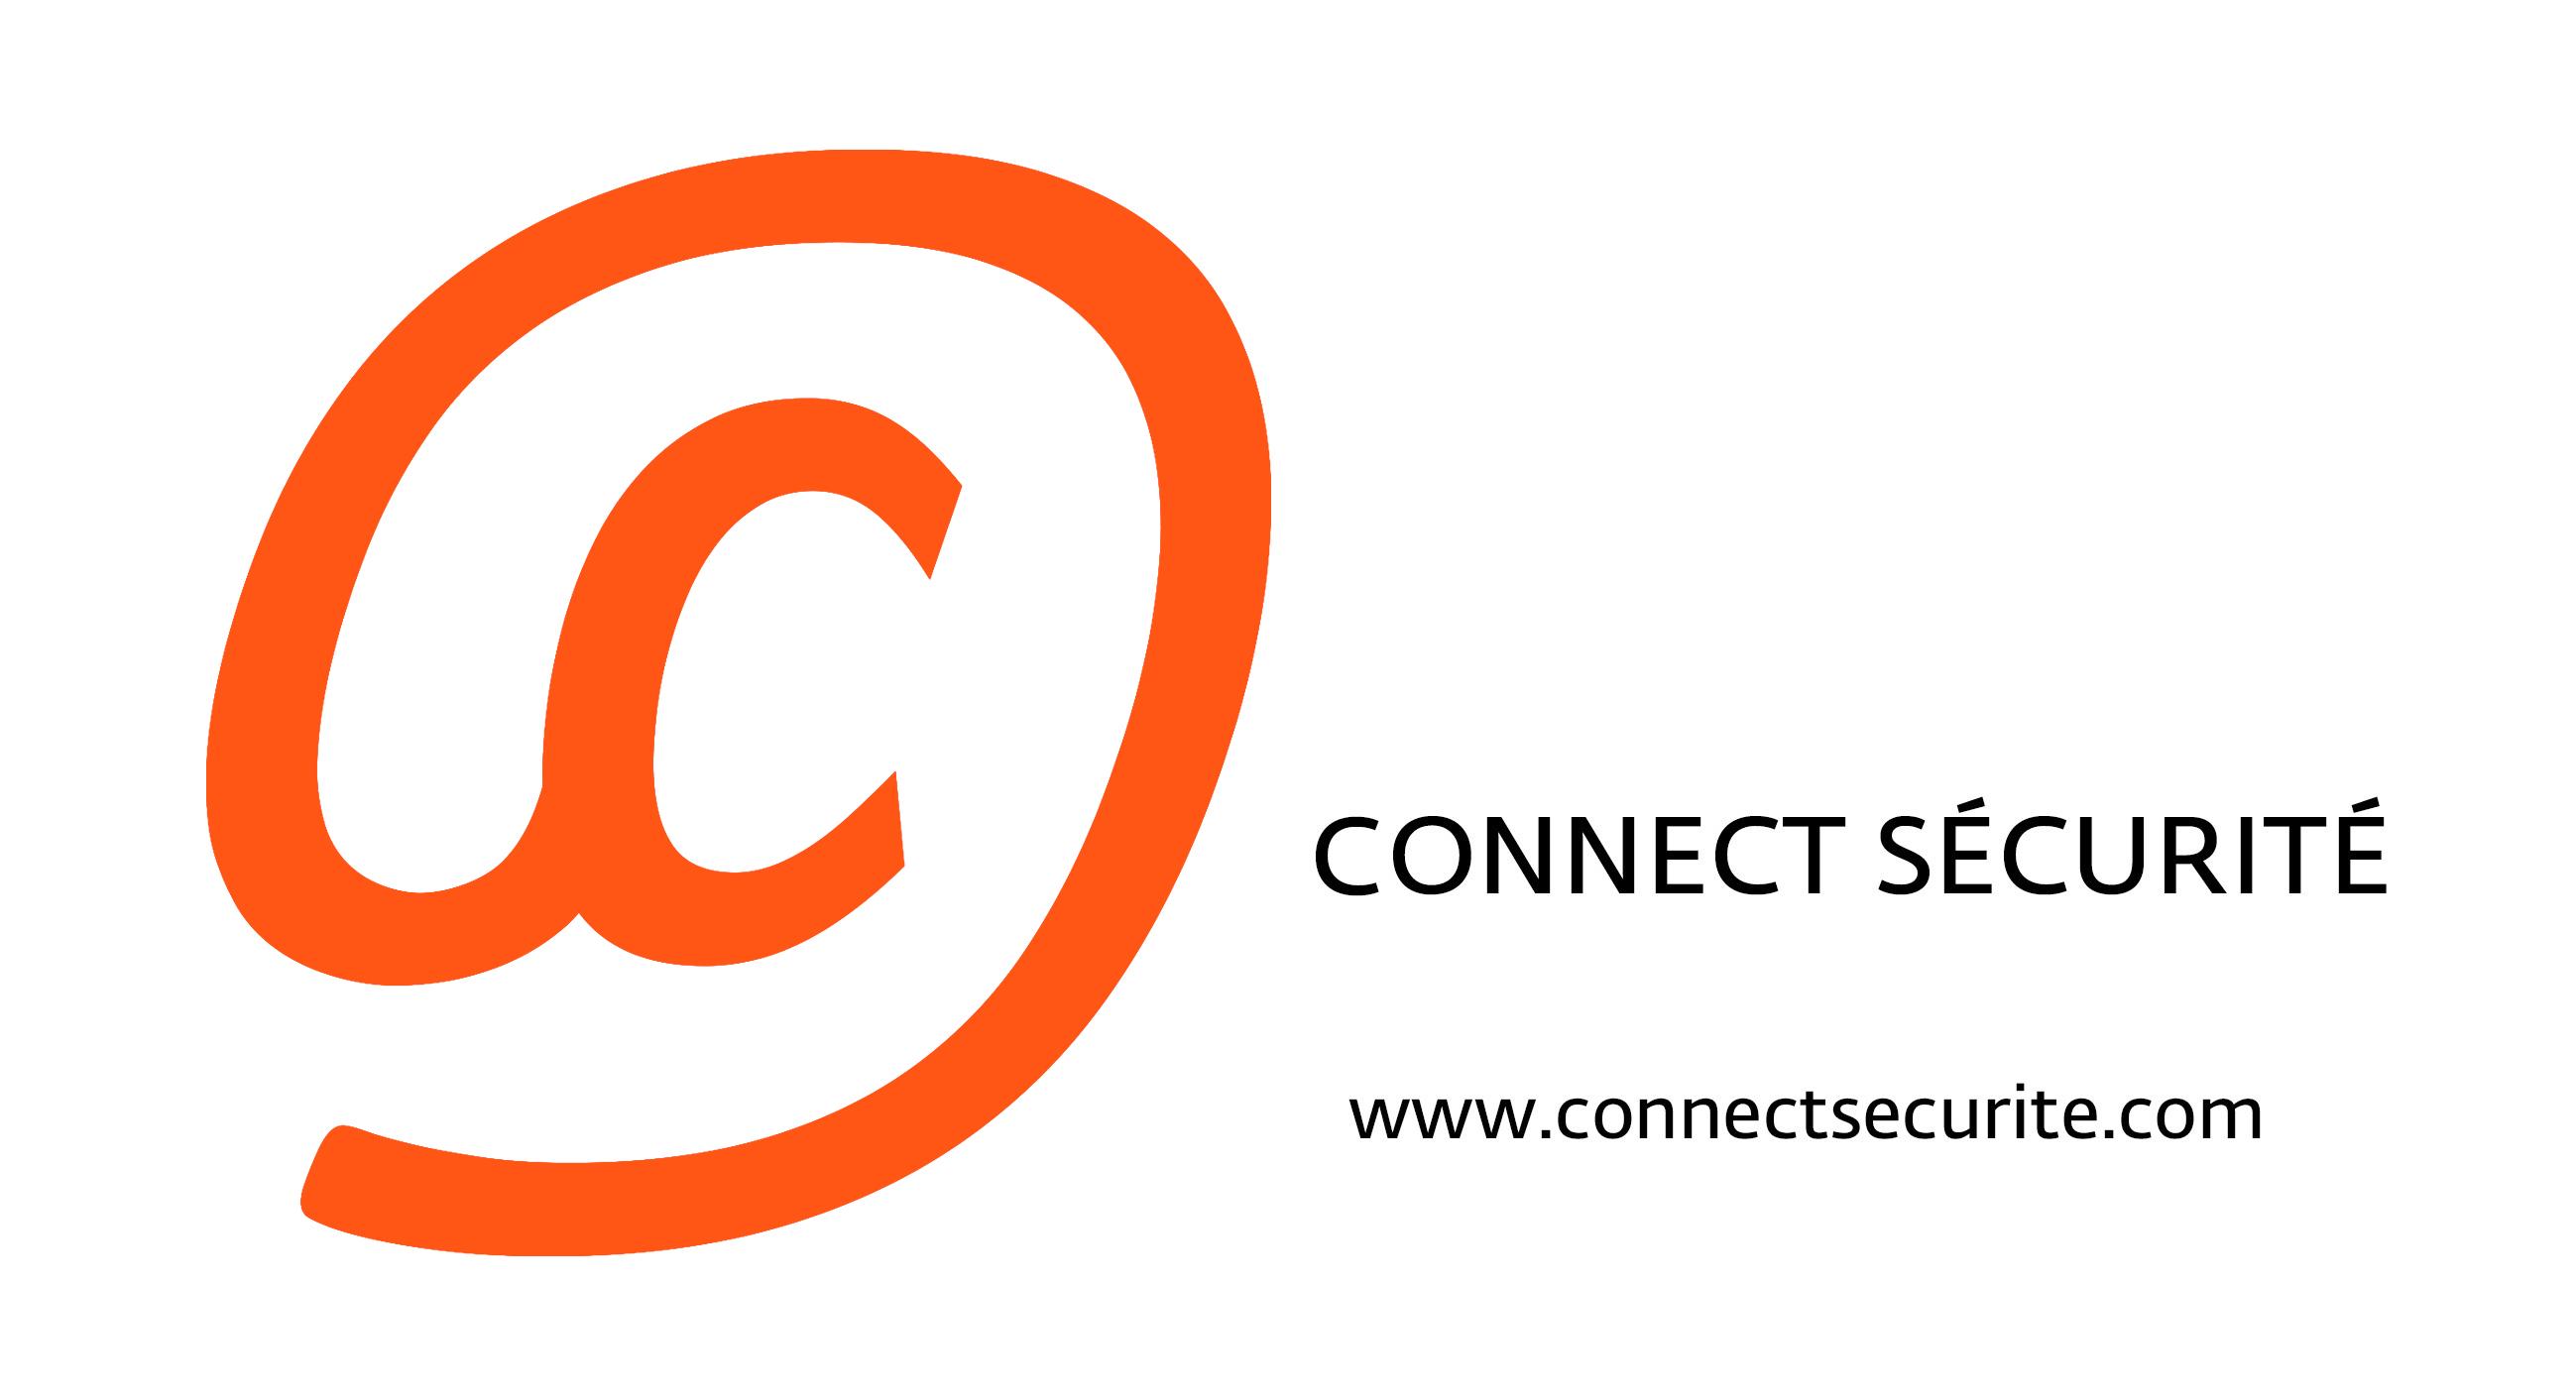 CONECTSECURITE--testfondblancbis-3-1476731049.jpg